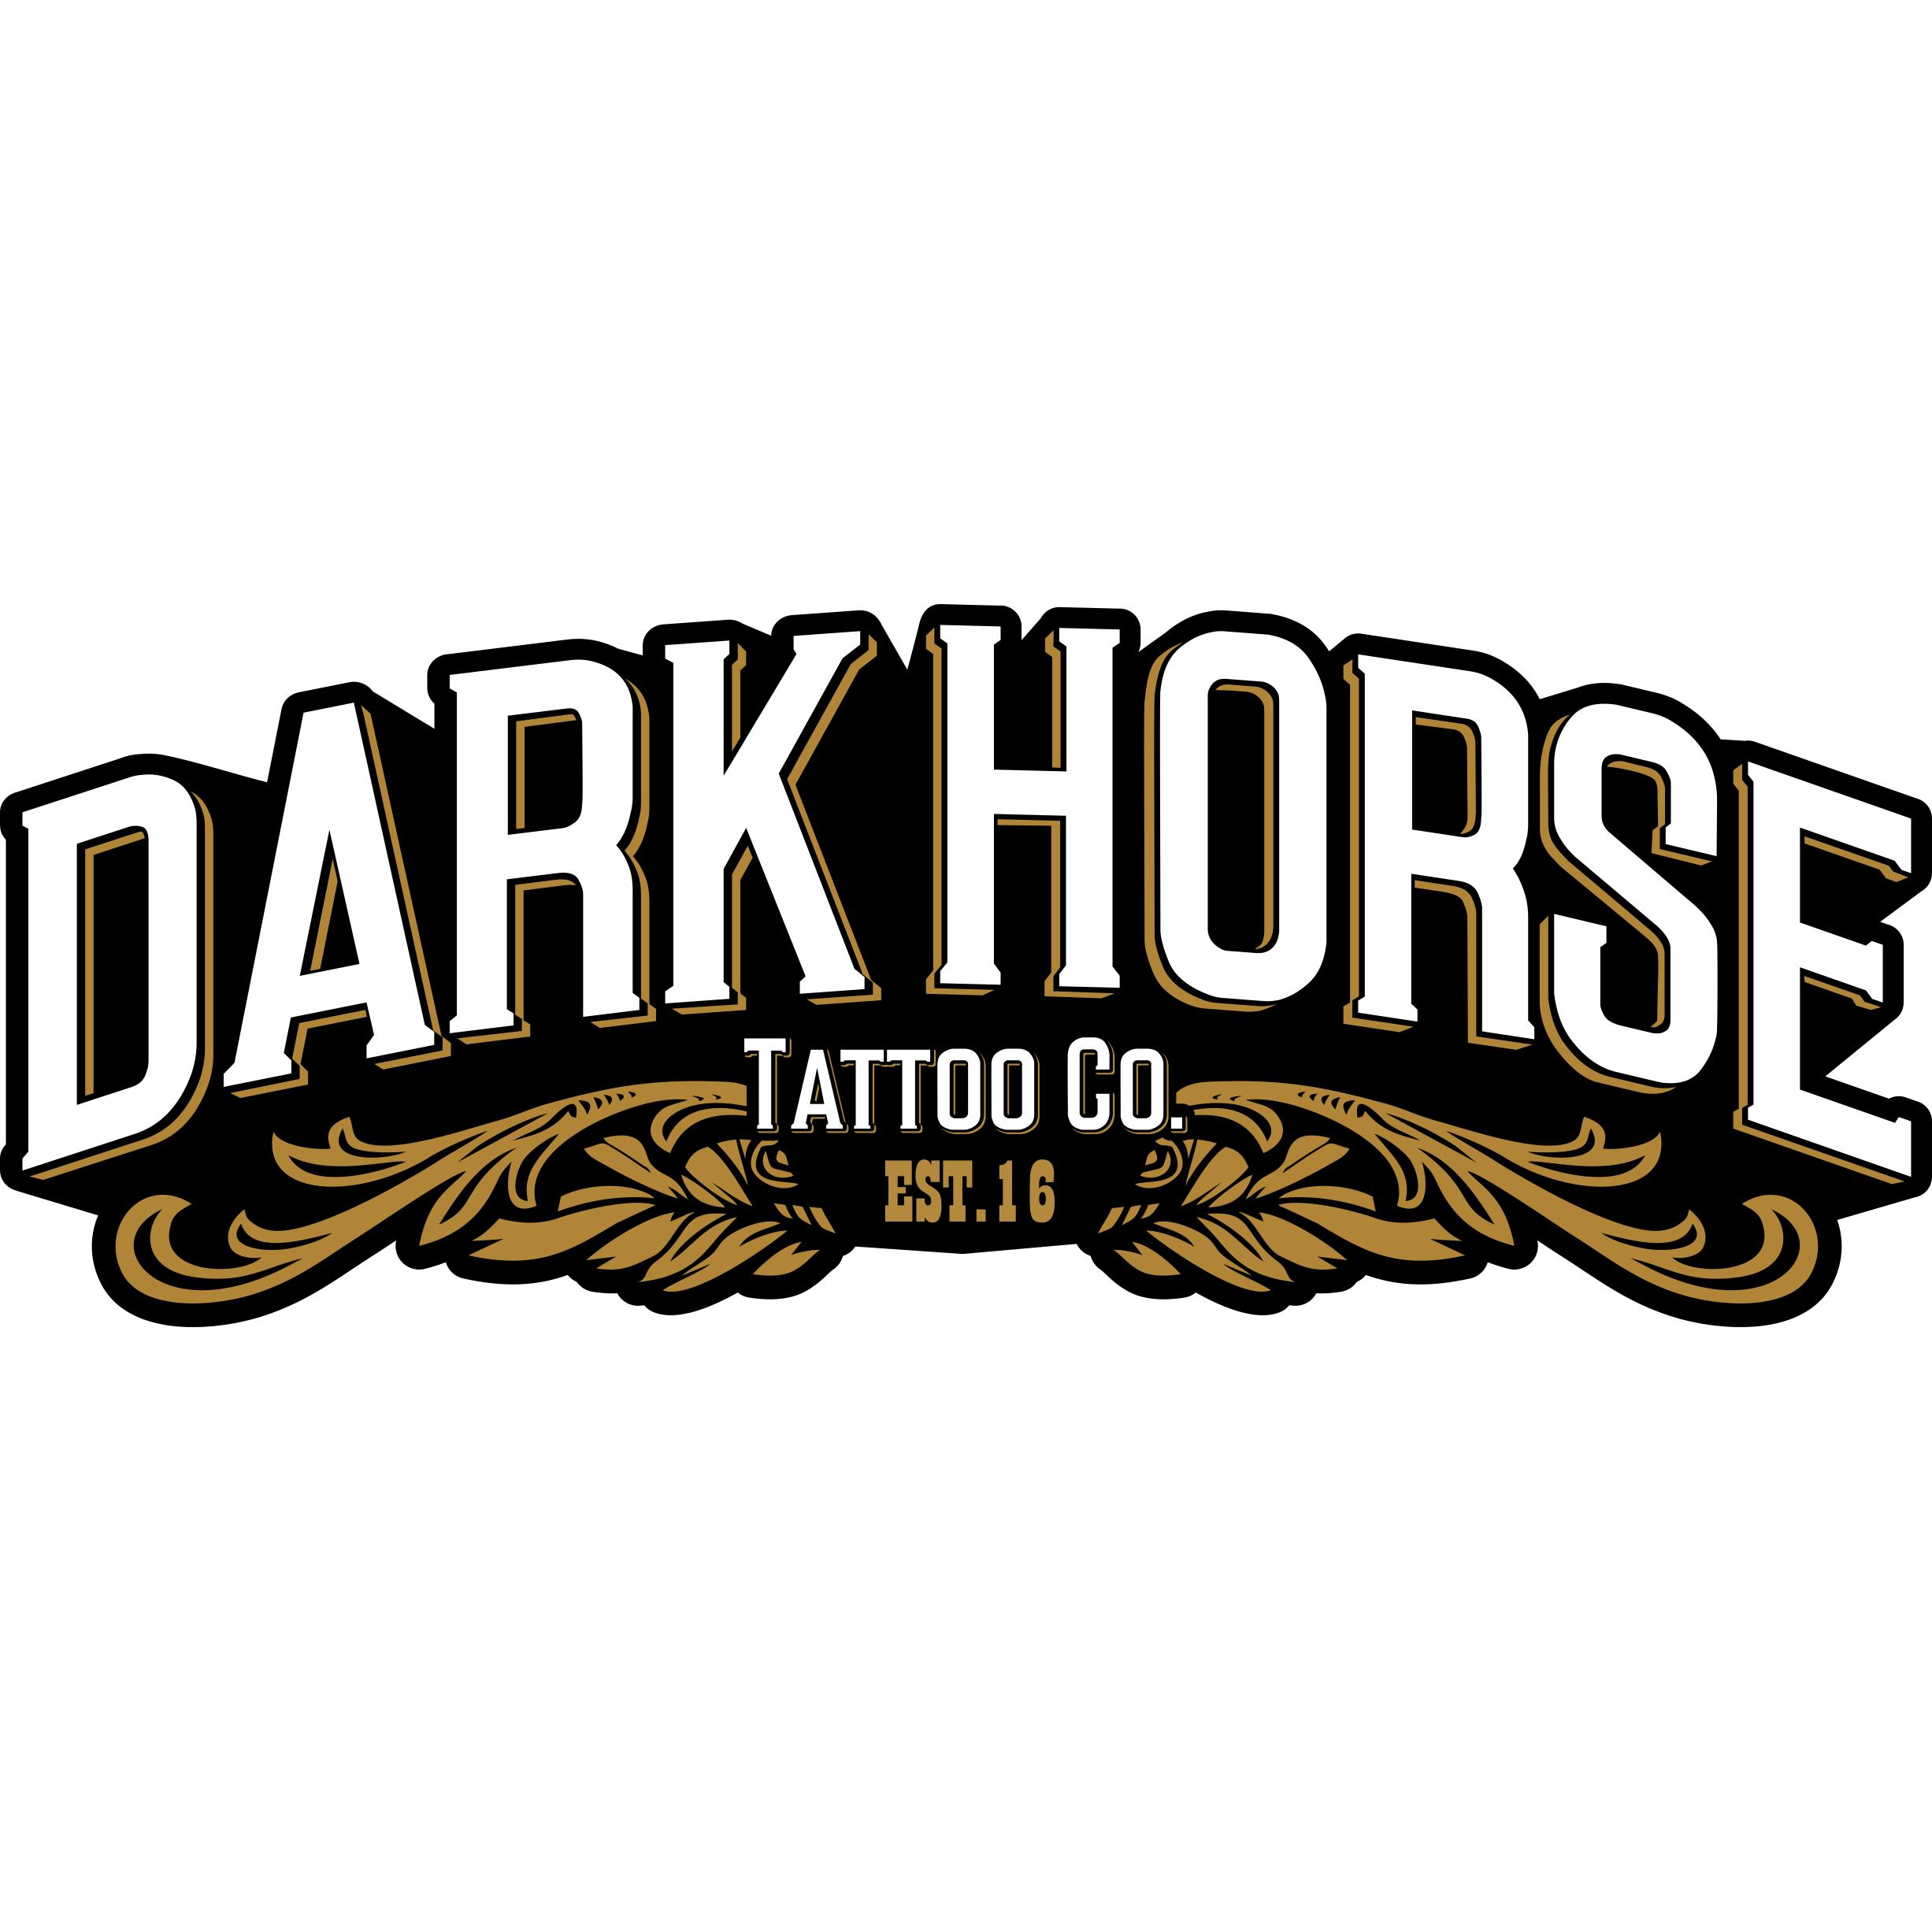 Dark Horse Tattoo Company image 21